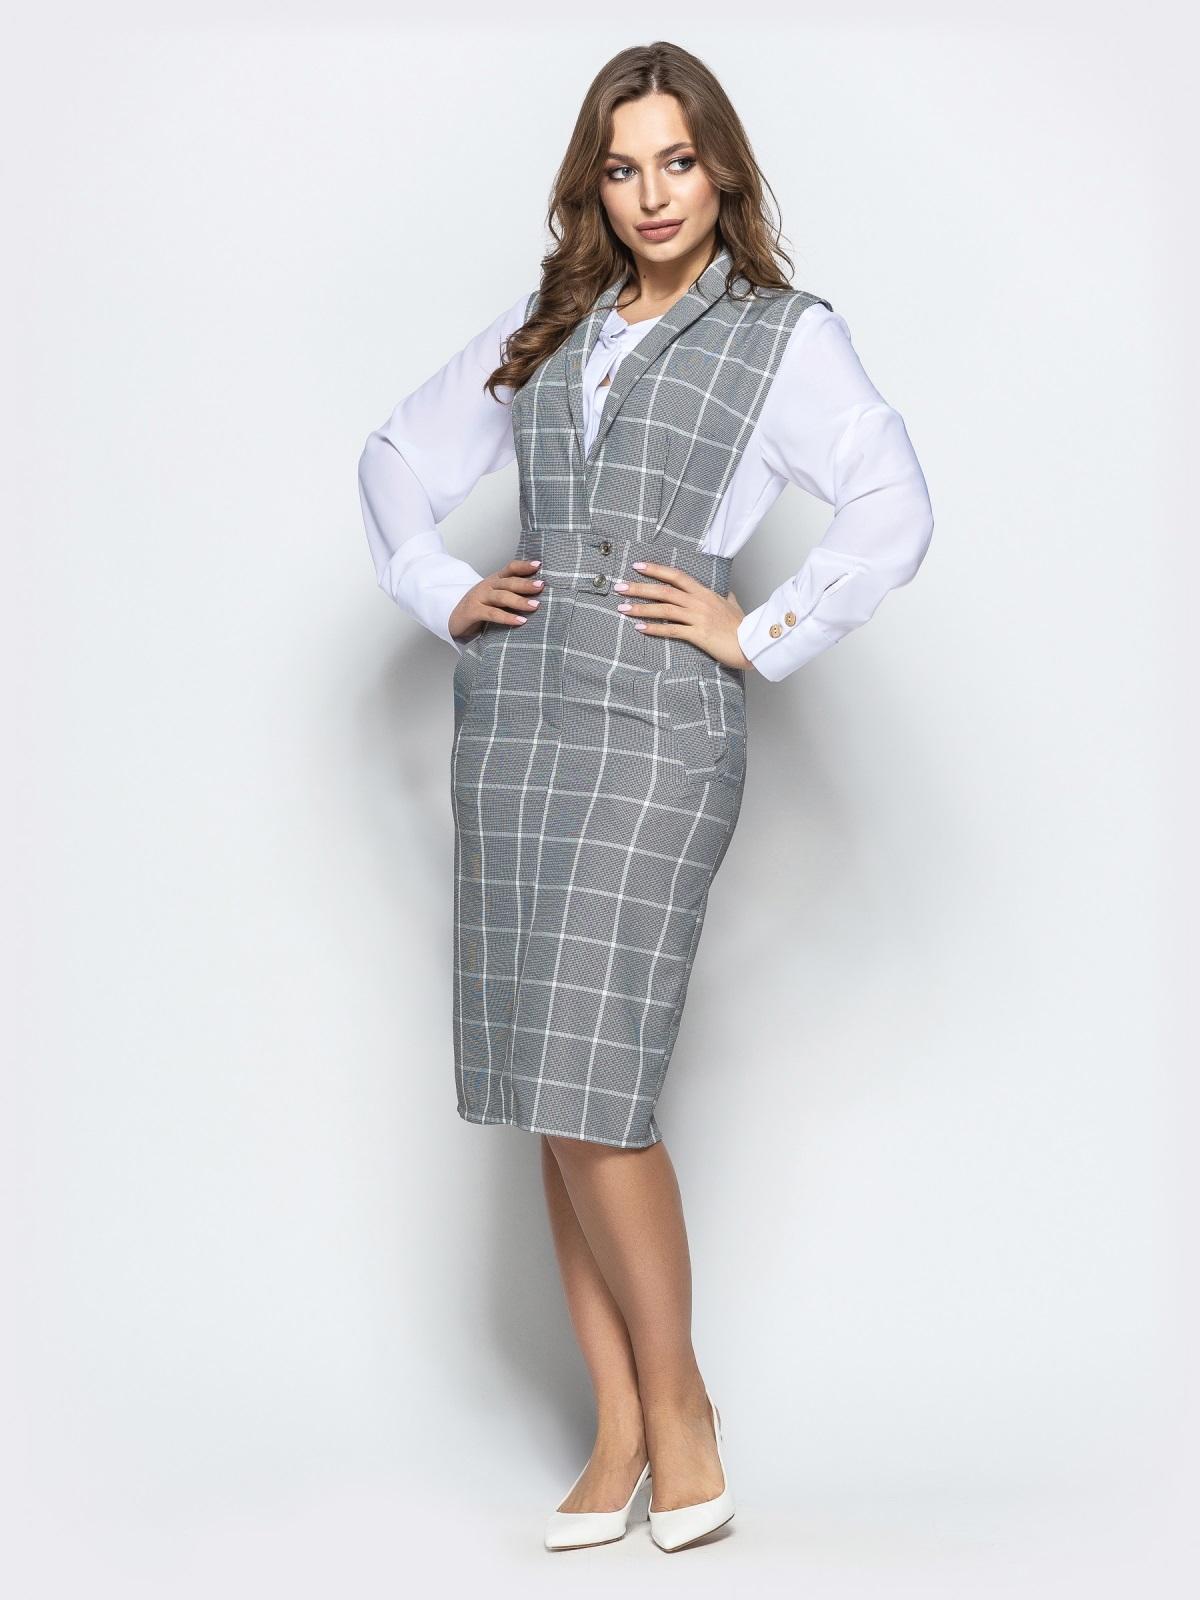 Клетчатый сарафан серого цвета из костюмной ткани - 22024, фото 1 – интернет-магазин Dressa